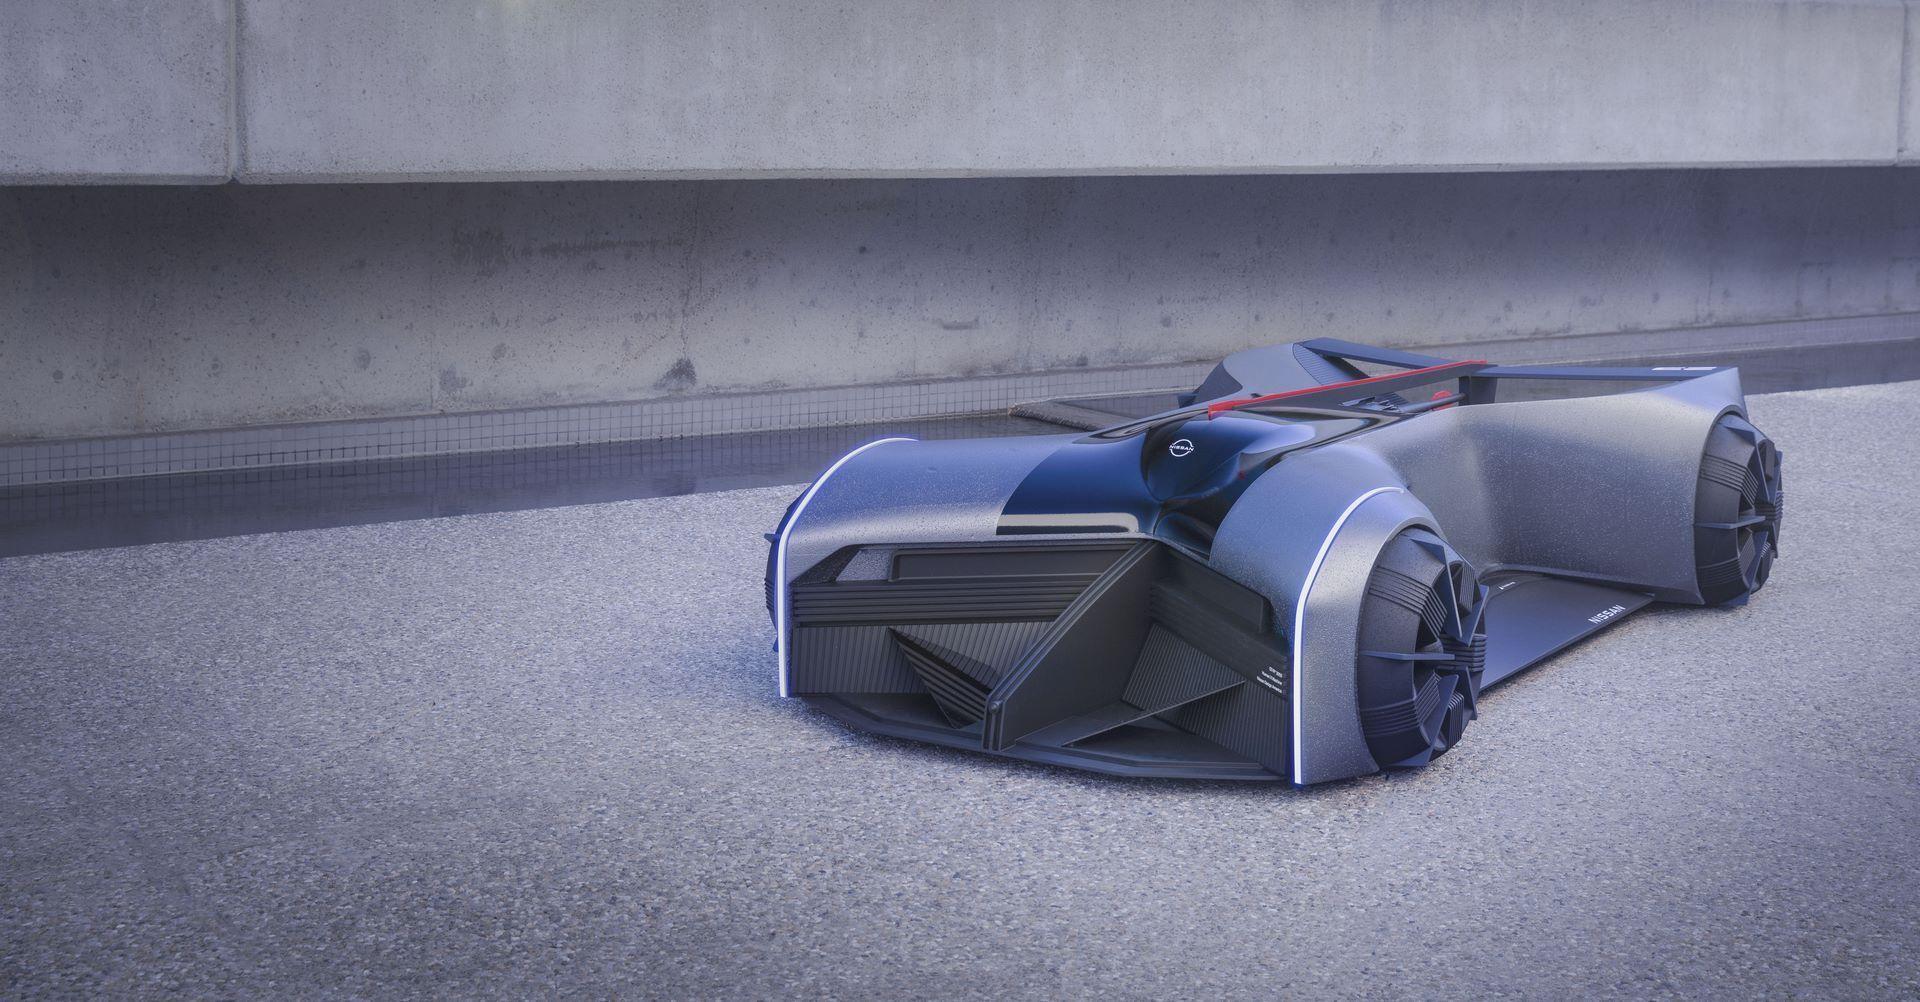 Nissan-GT-R-X-2050-Concept-7